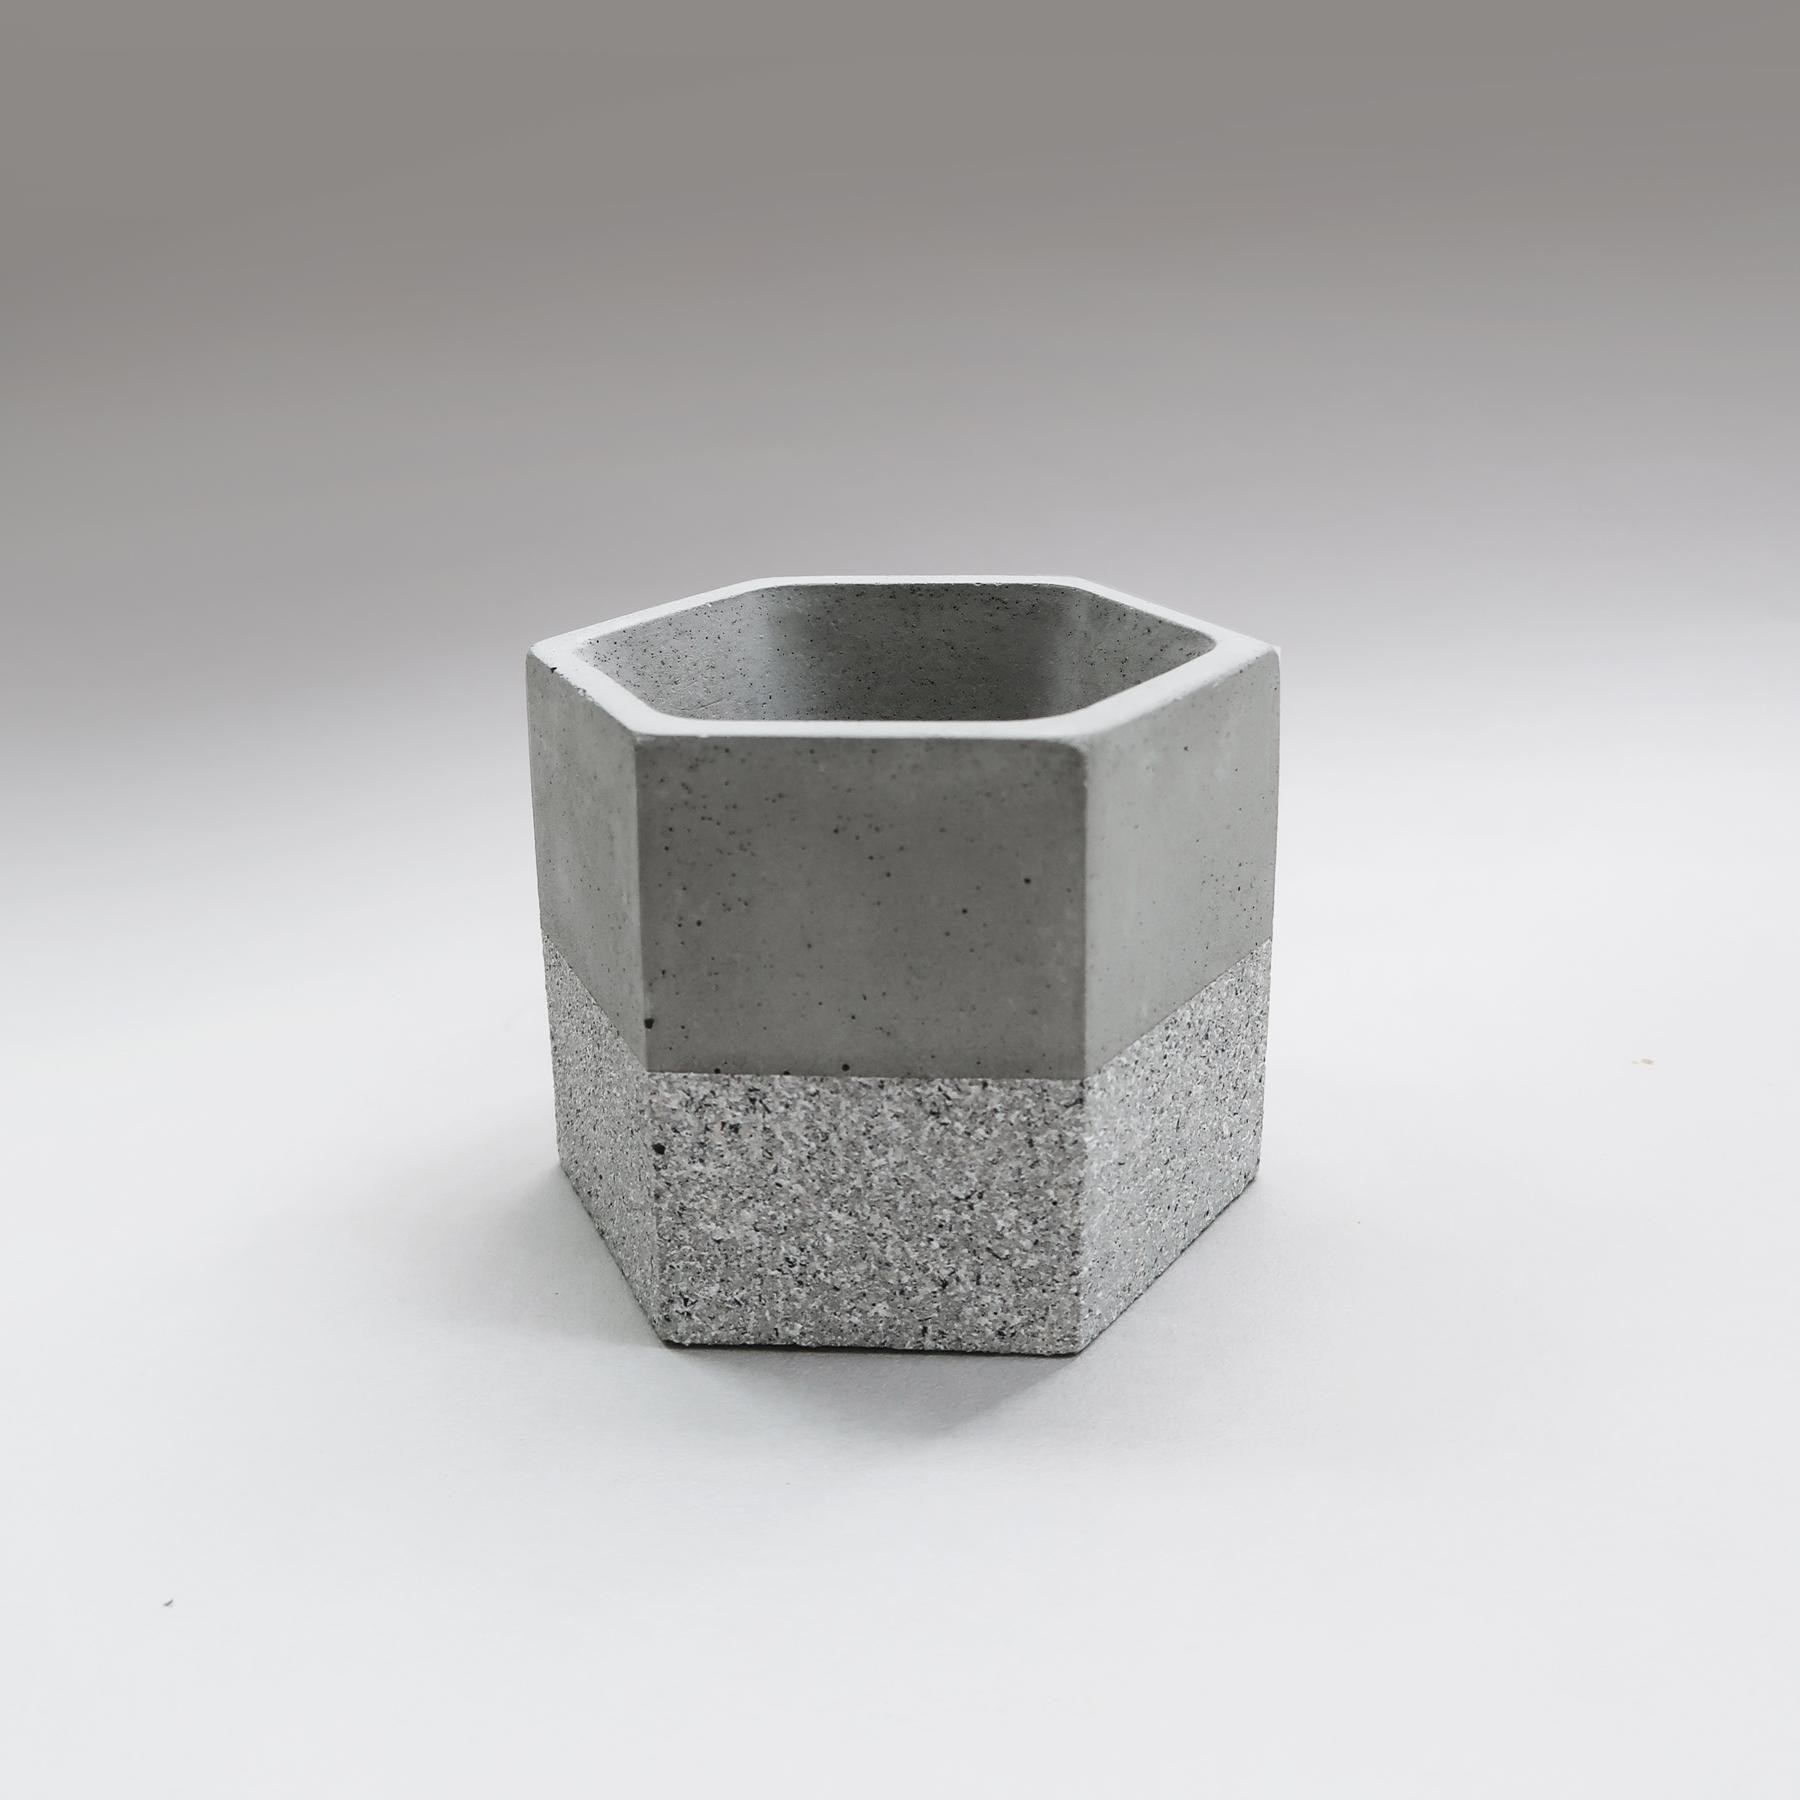 GRANITE 花崗岩六角水泥盆器